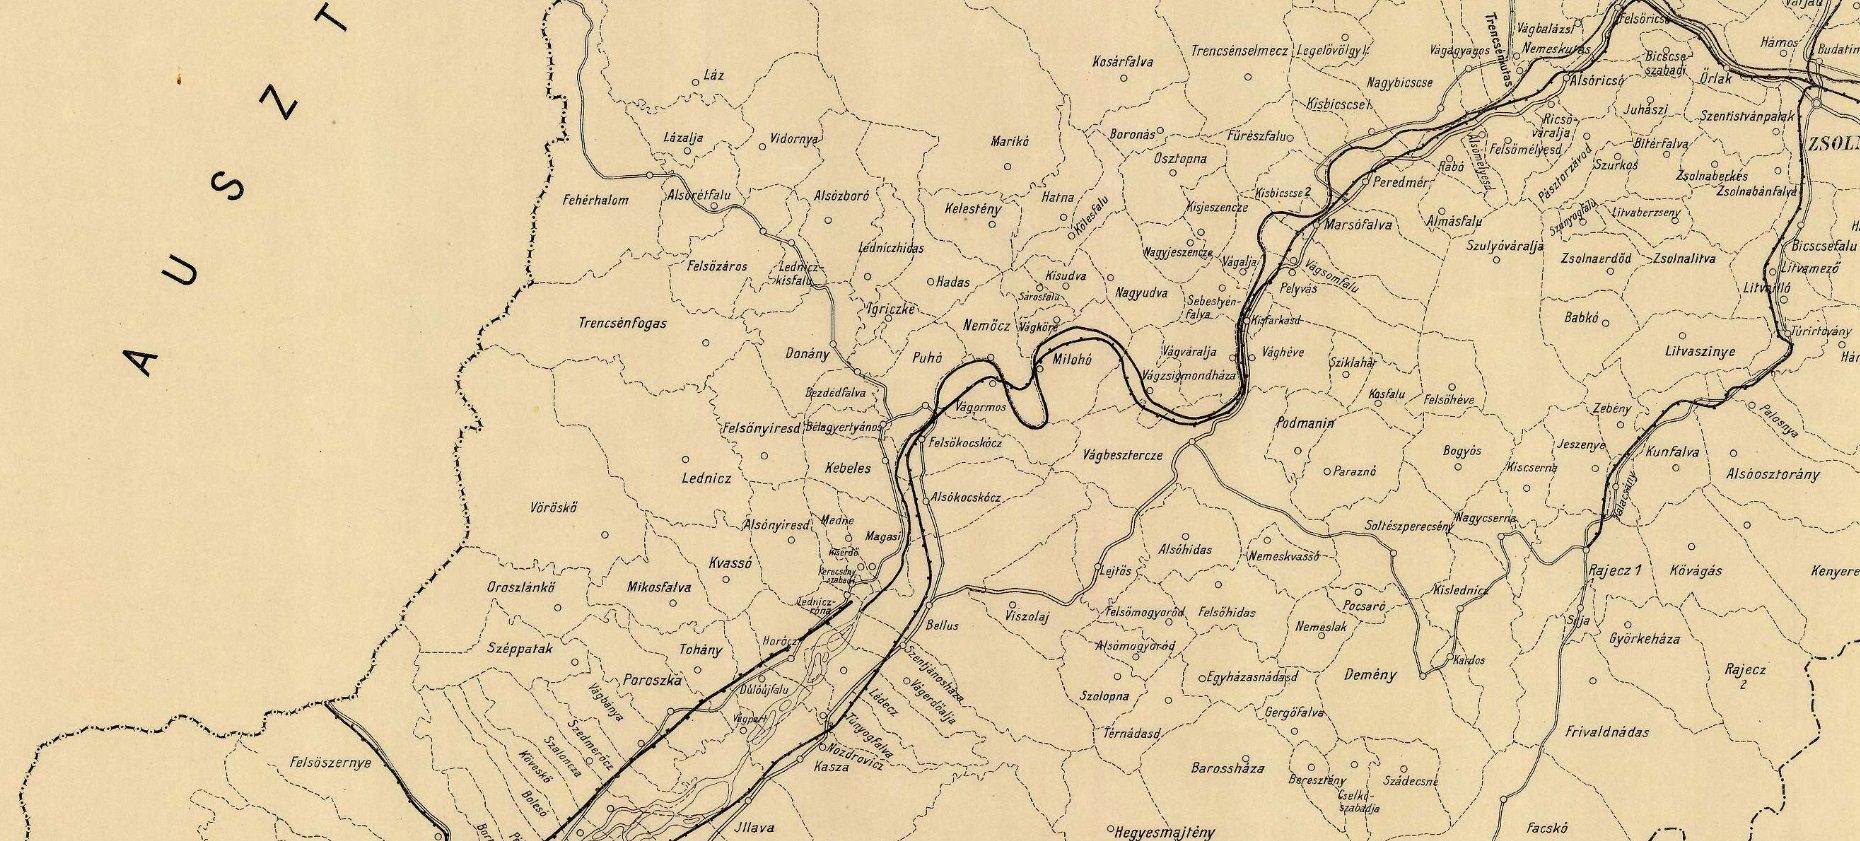 Mapa zachytila v roku 1912 katastrálne územia jednotlivých obcí v oblasti (s pomaďarčenými názvami) a zvýraznenú pôvodnú železničnú trať popri rieke Váh.